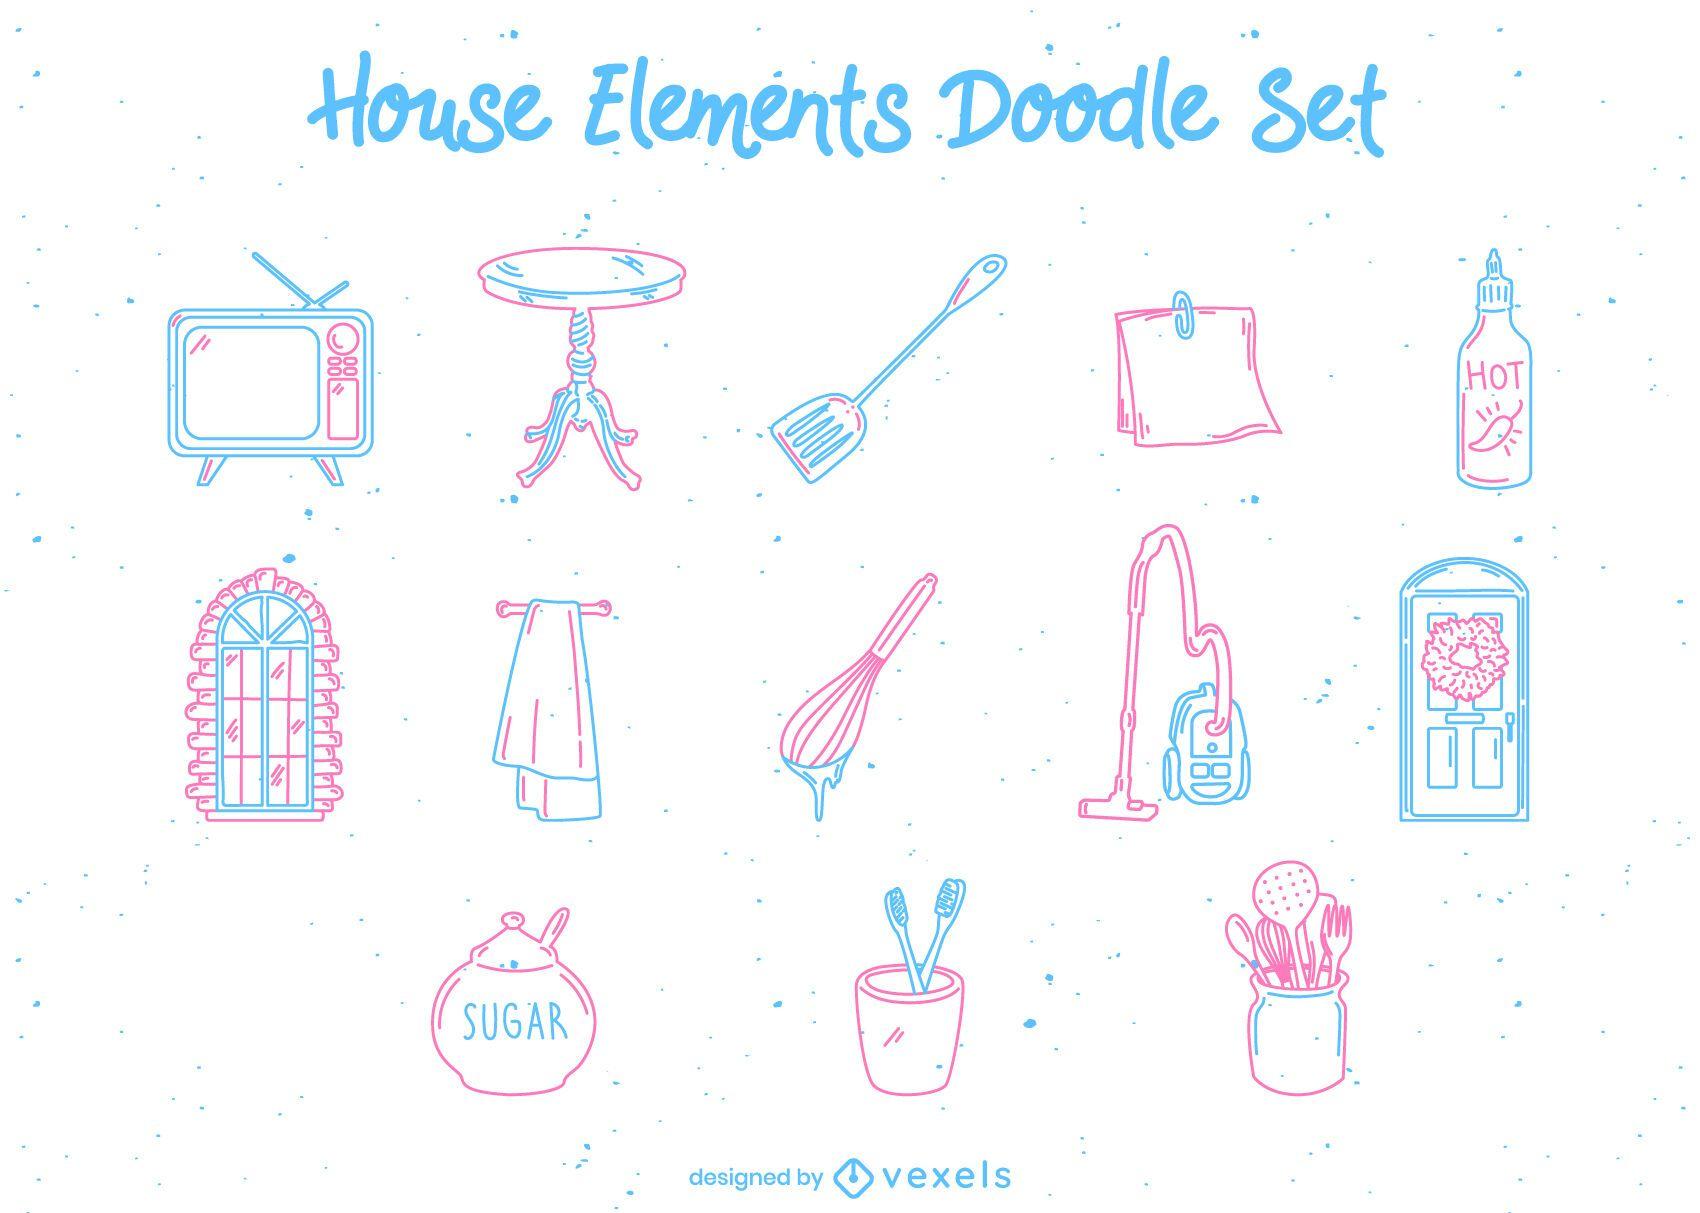 Home kitchen elements doodle set